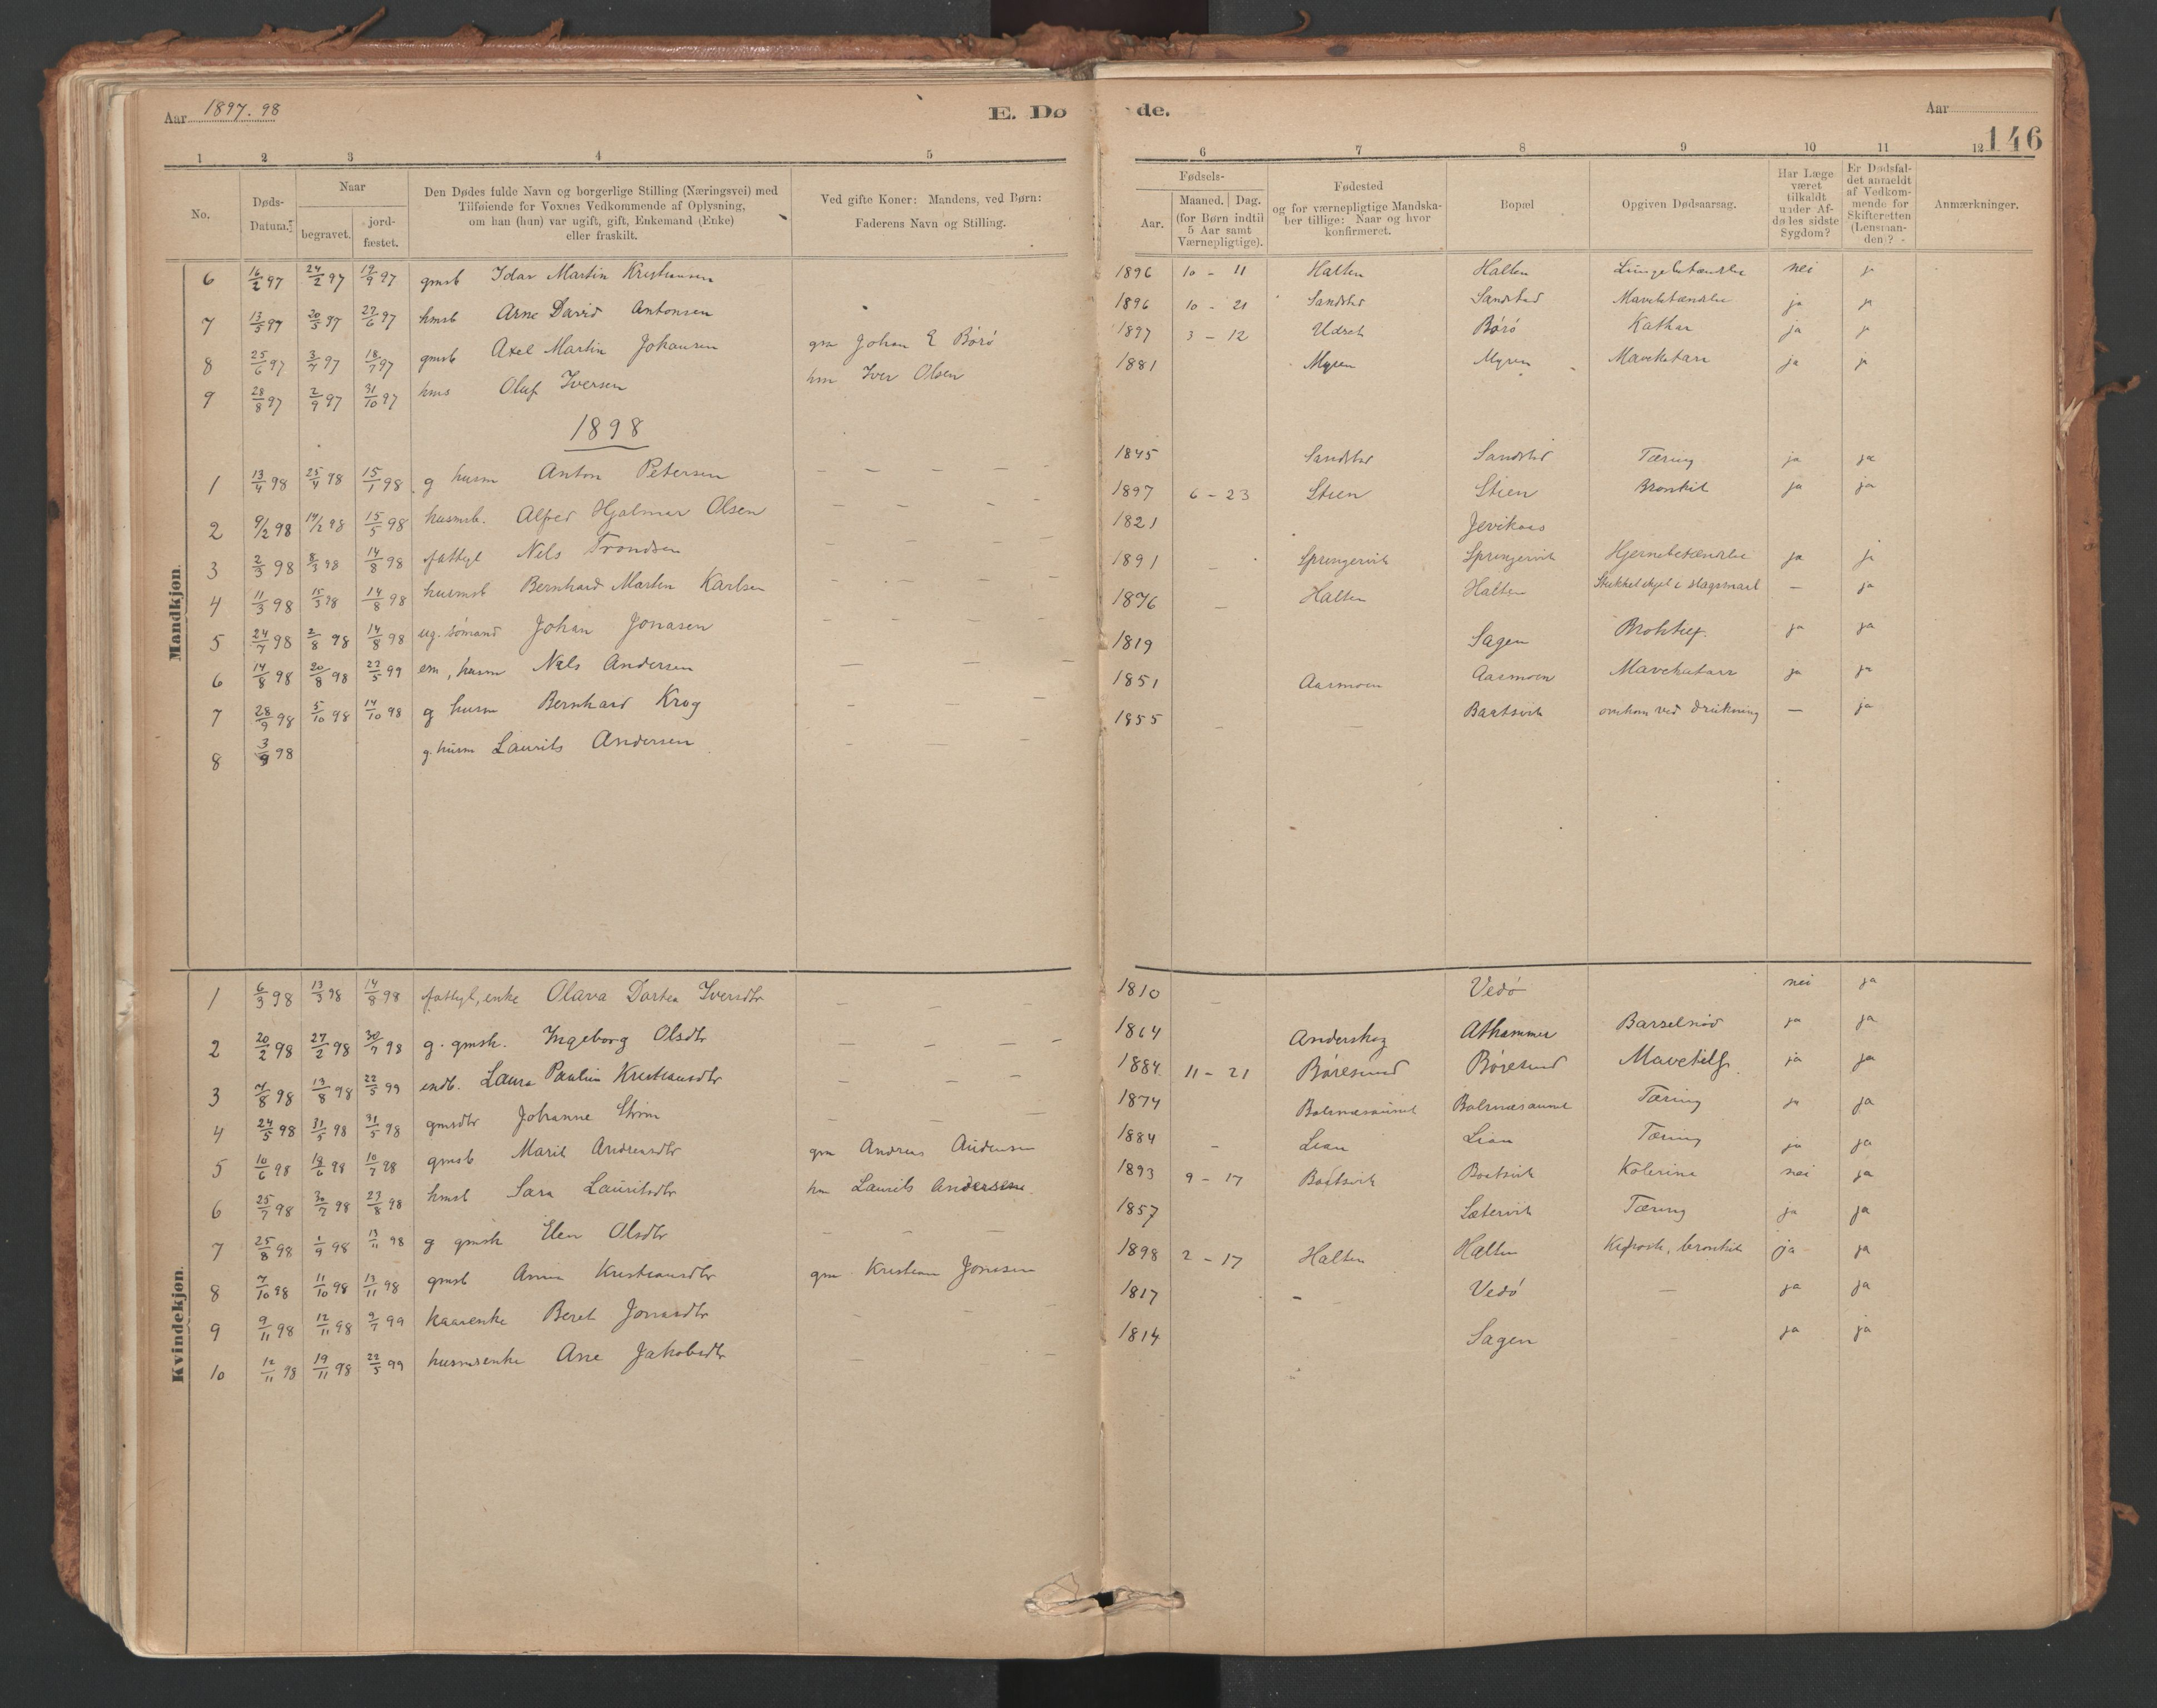 SAT, Ministerialprotokoller, klokkerbøker og fødselsregistre - Sør-Trøndelag, 639/L0572: Ministerialbok nr. 639A01, 1890-1920, s. 146